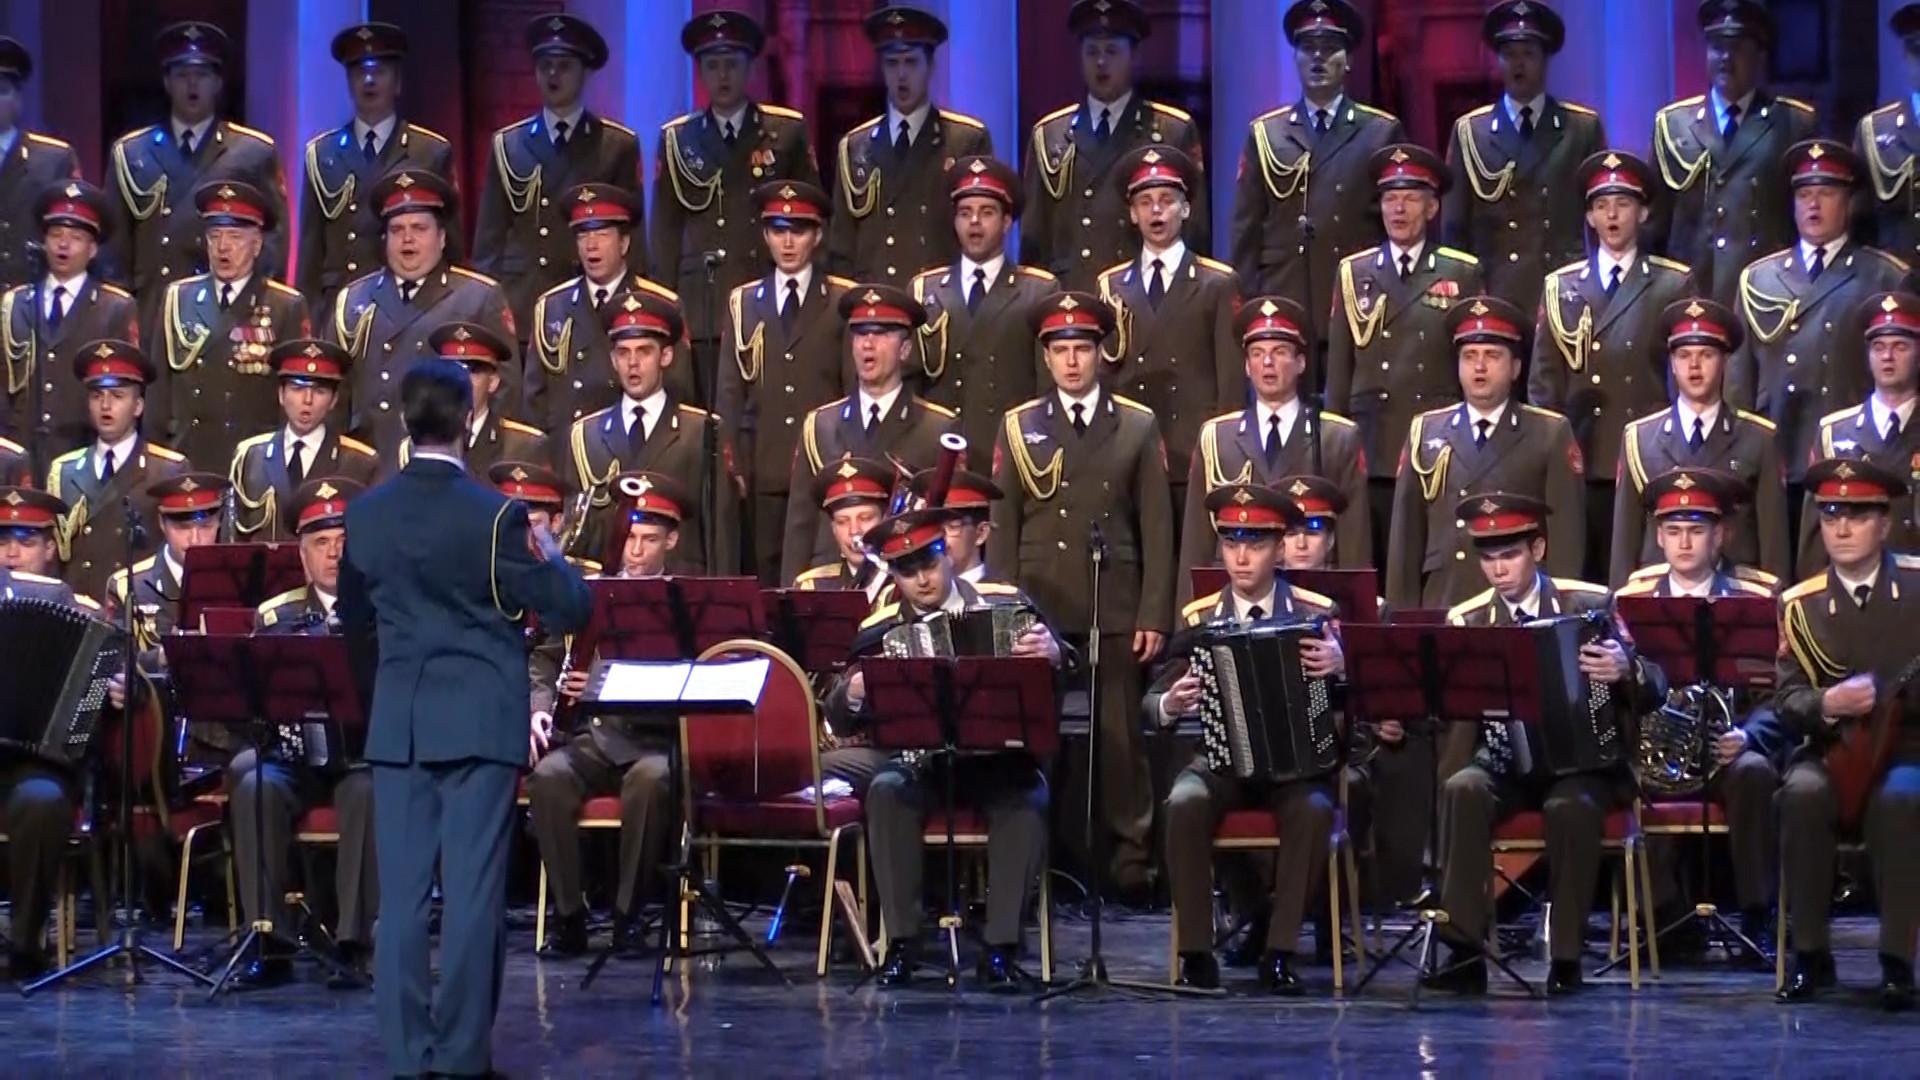 безбрежном военный хор имени александрова фото сюда может любой